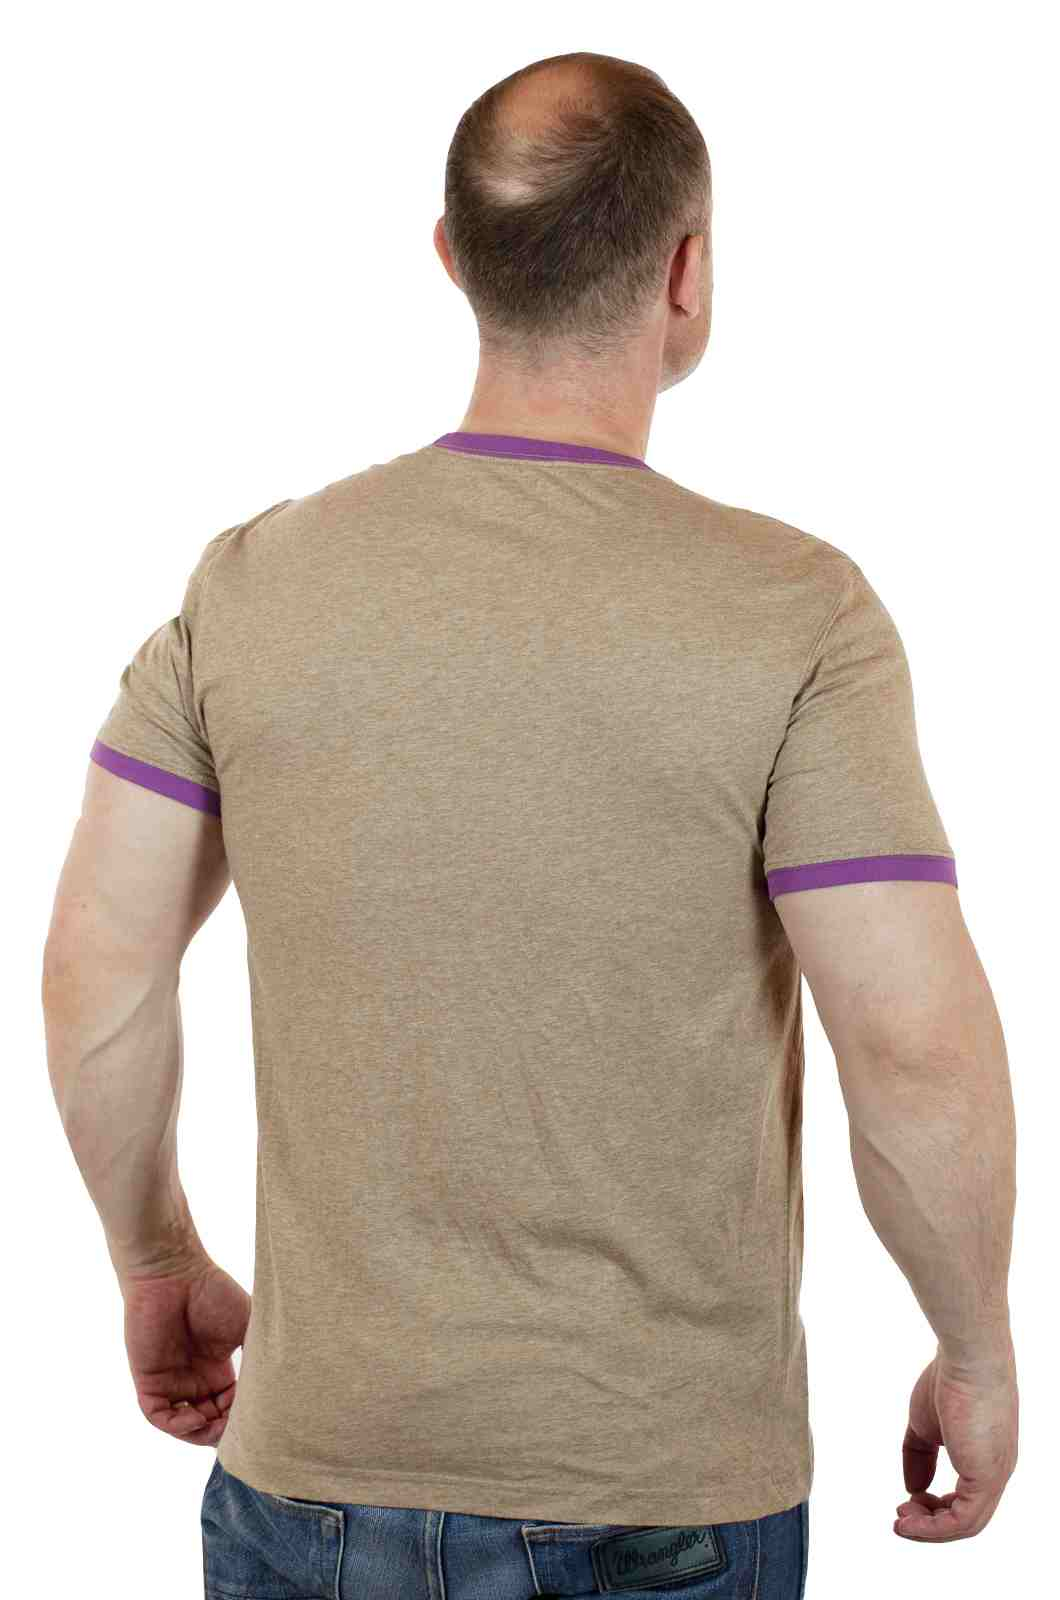 Нейтральная футболка от американского бренда Express